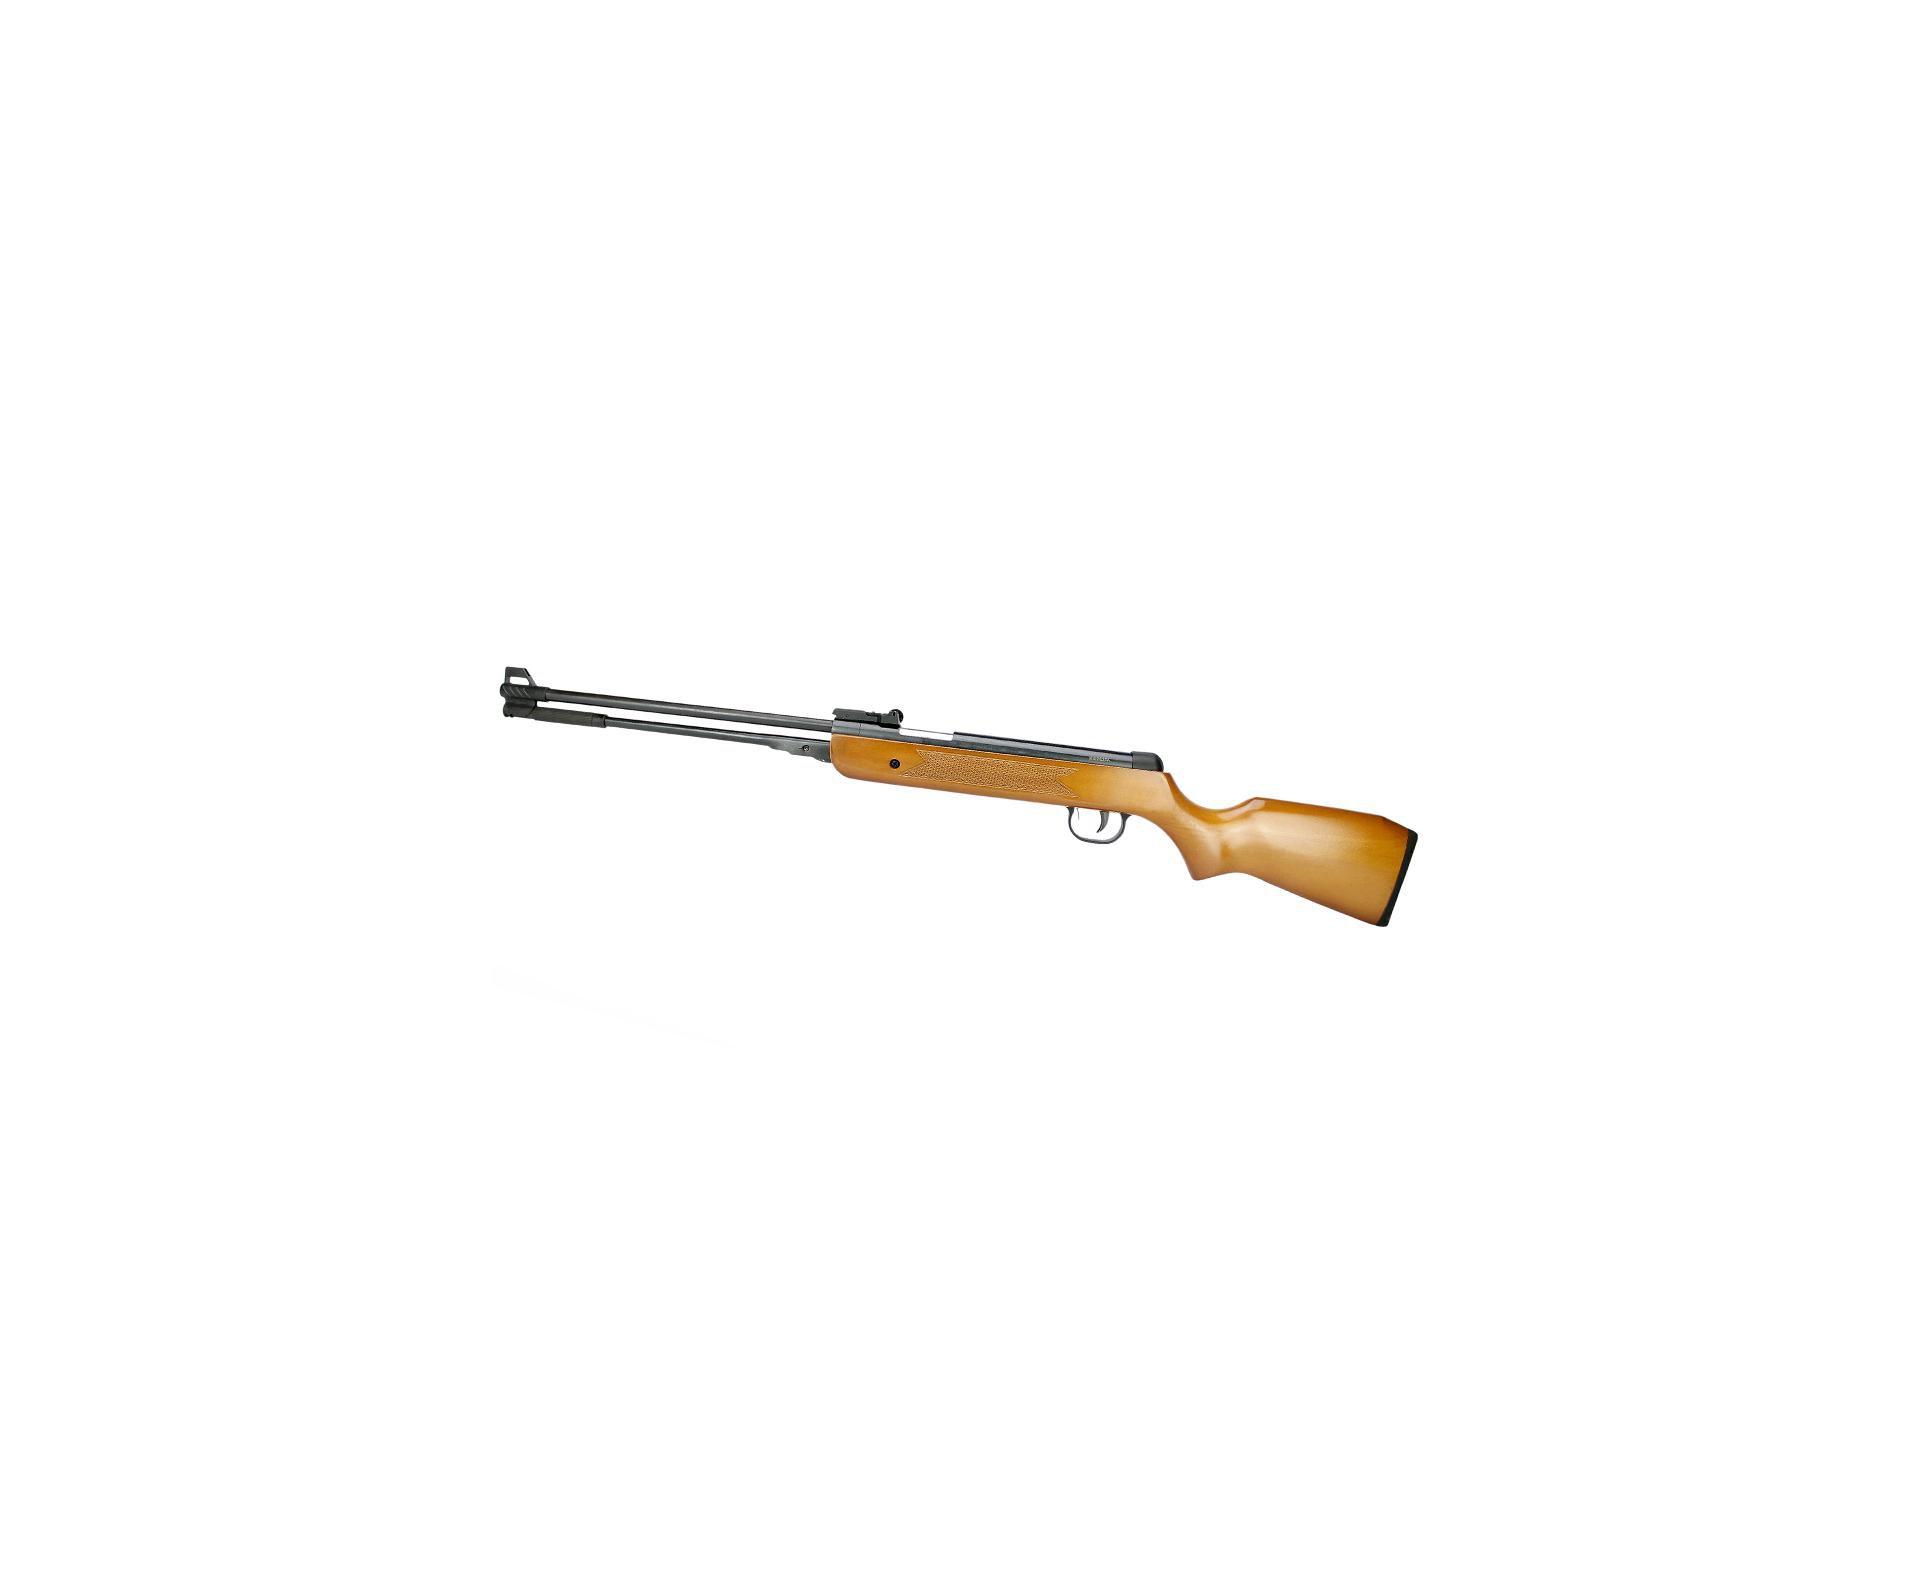 Carabina De Pressão Under-b Wf600 Cal 5,5mm Wood - Qgk Spa